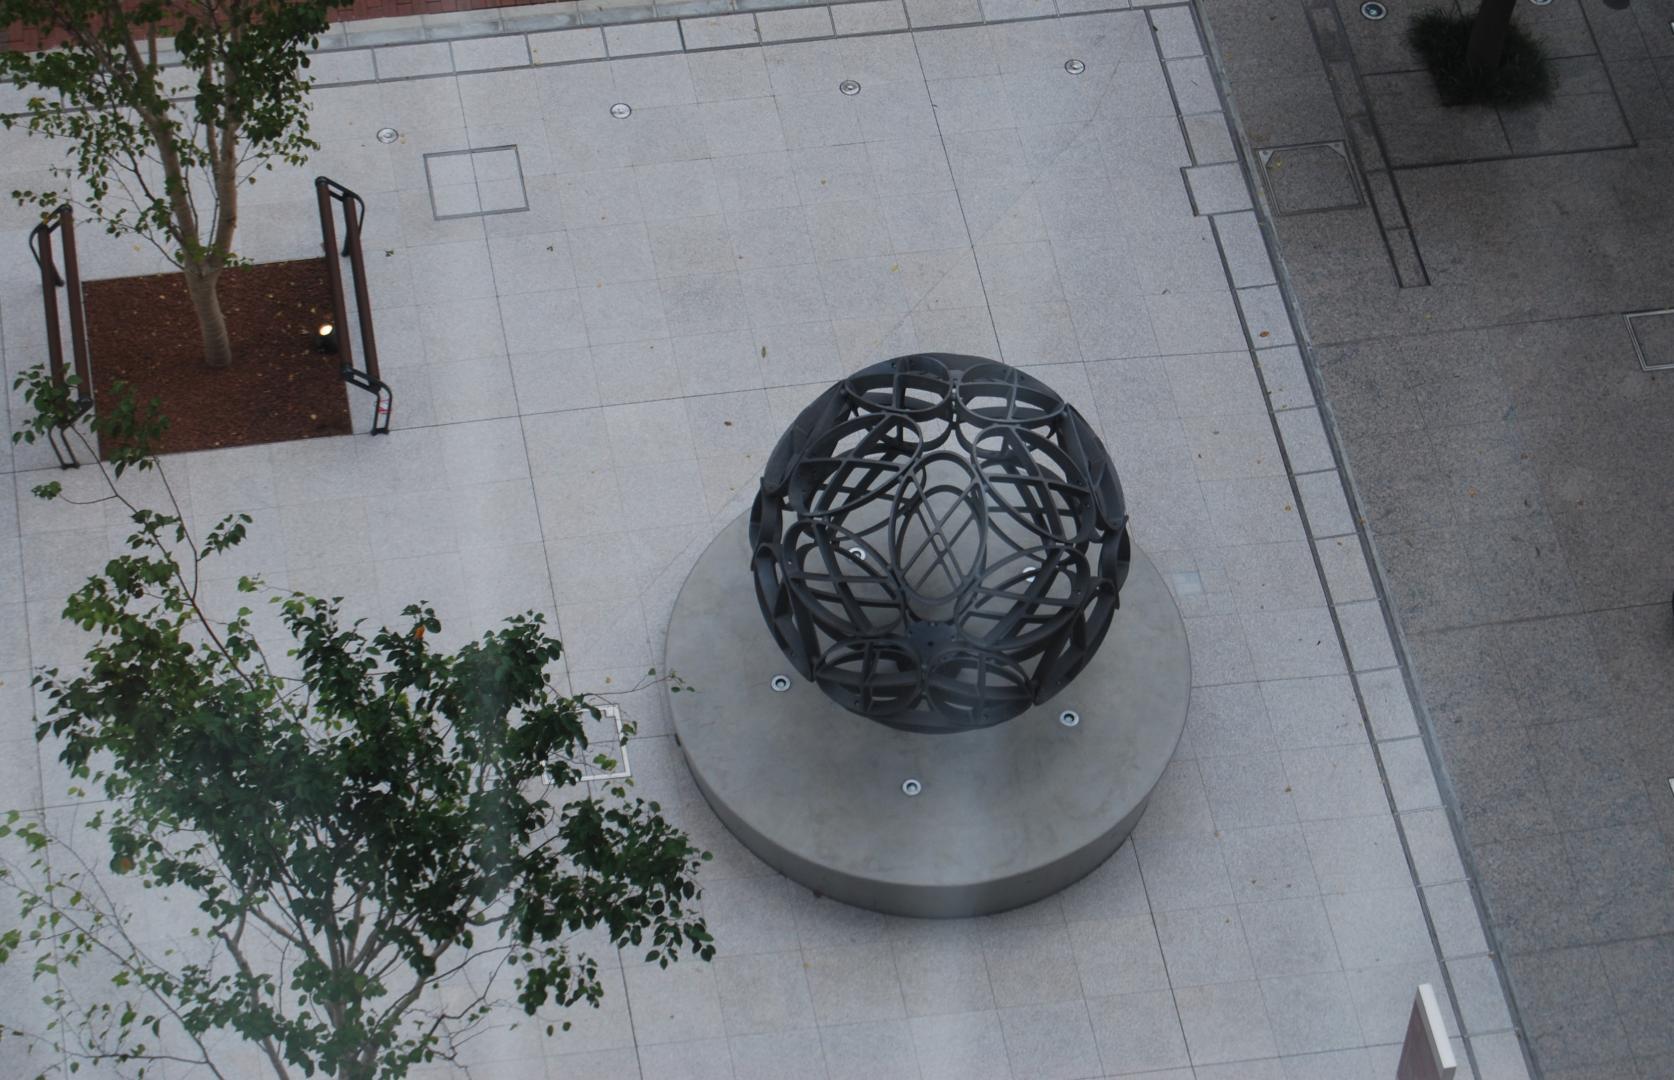 駿河台キャンパスタワー・スコラ前に創設100周年記念モニュメント「CST SPHERE」が設置されました。